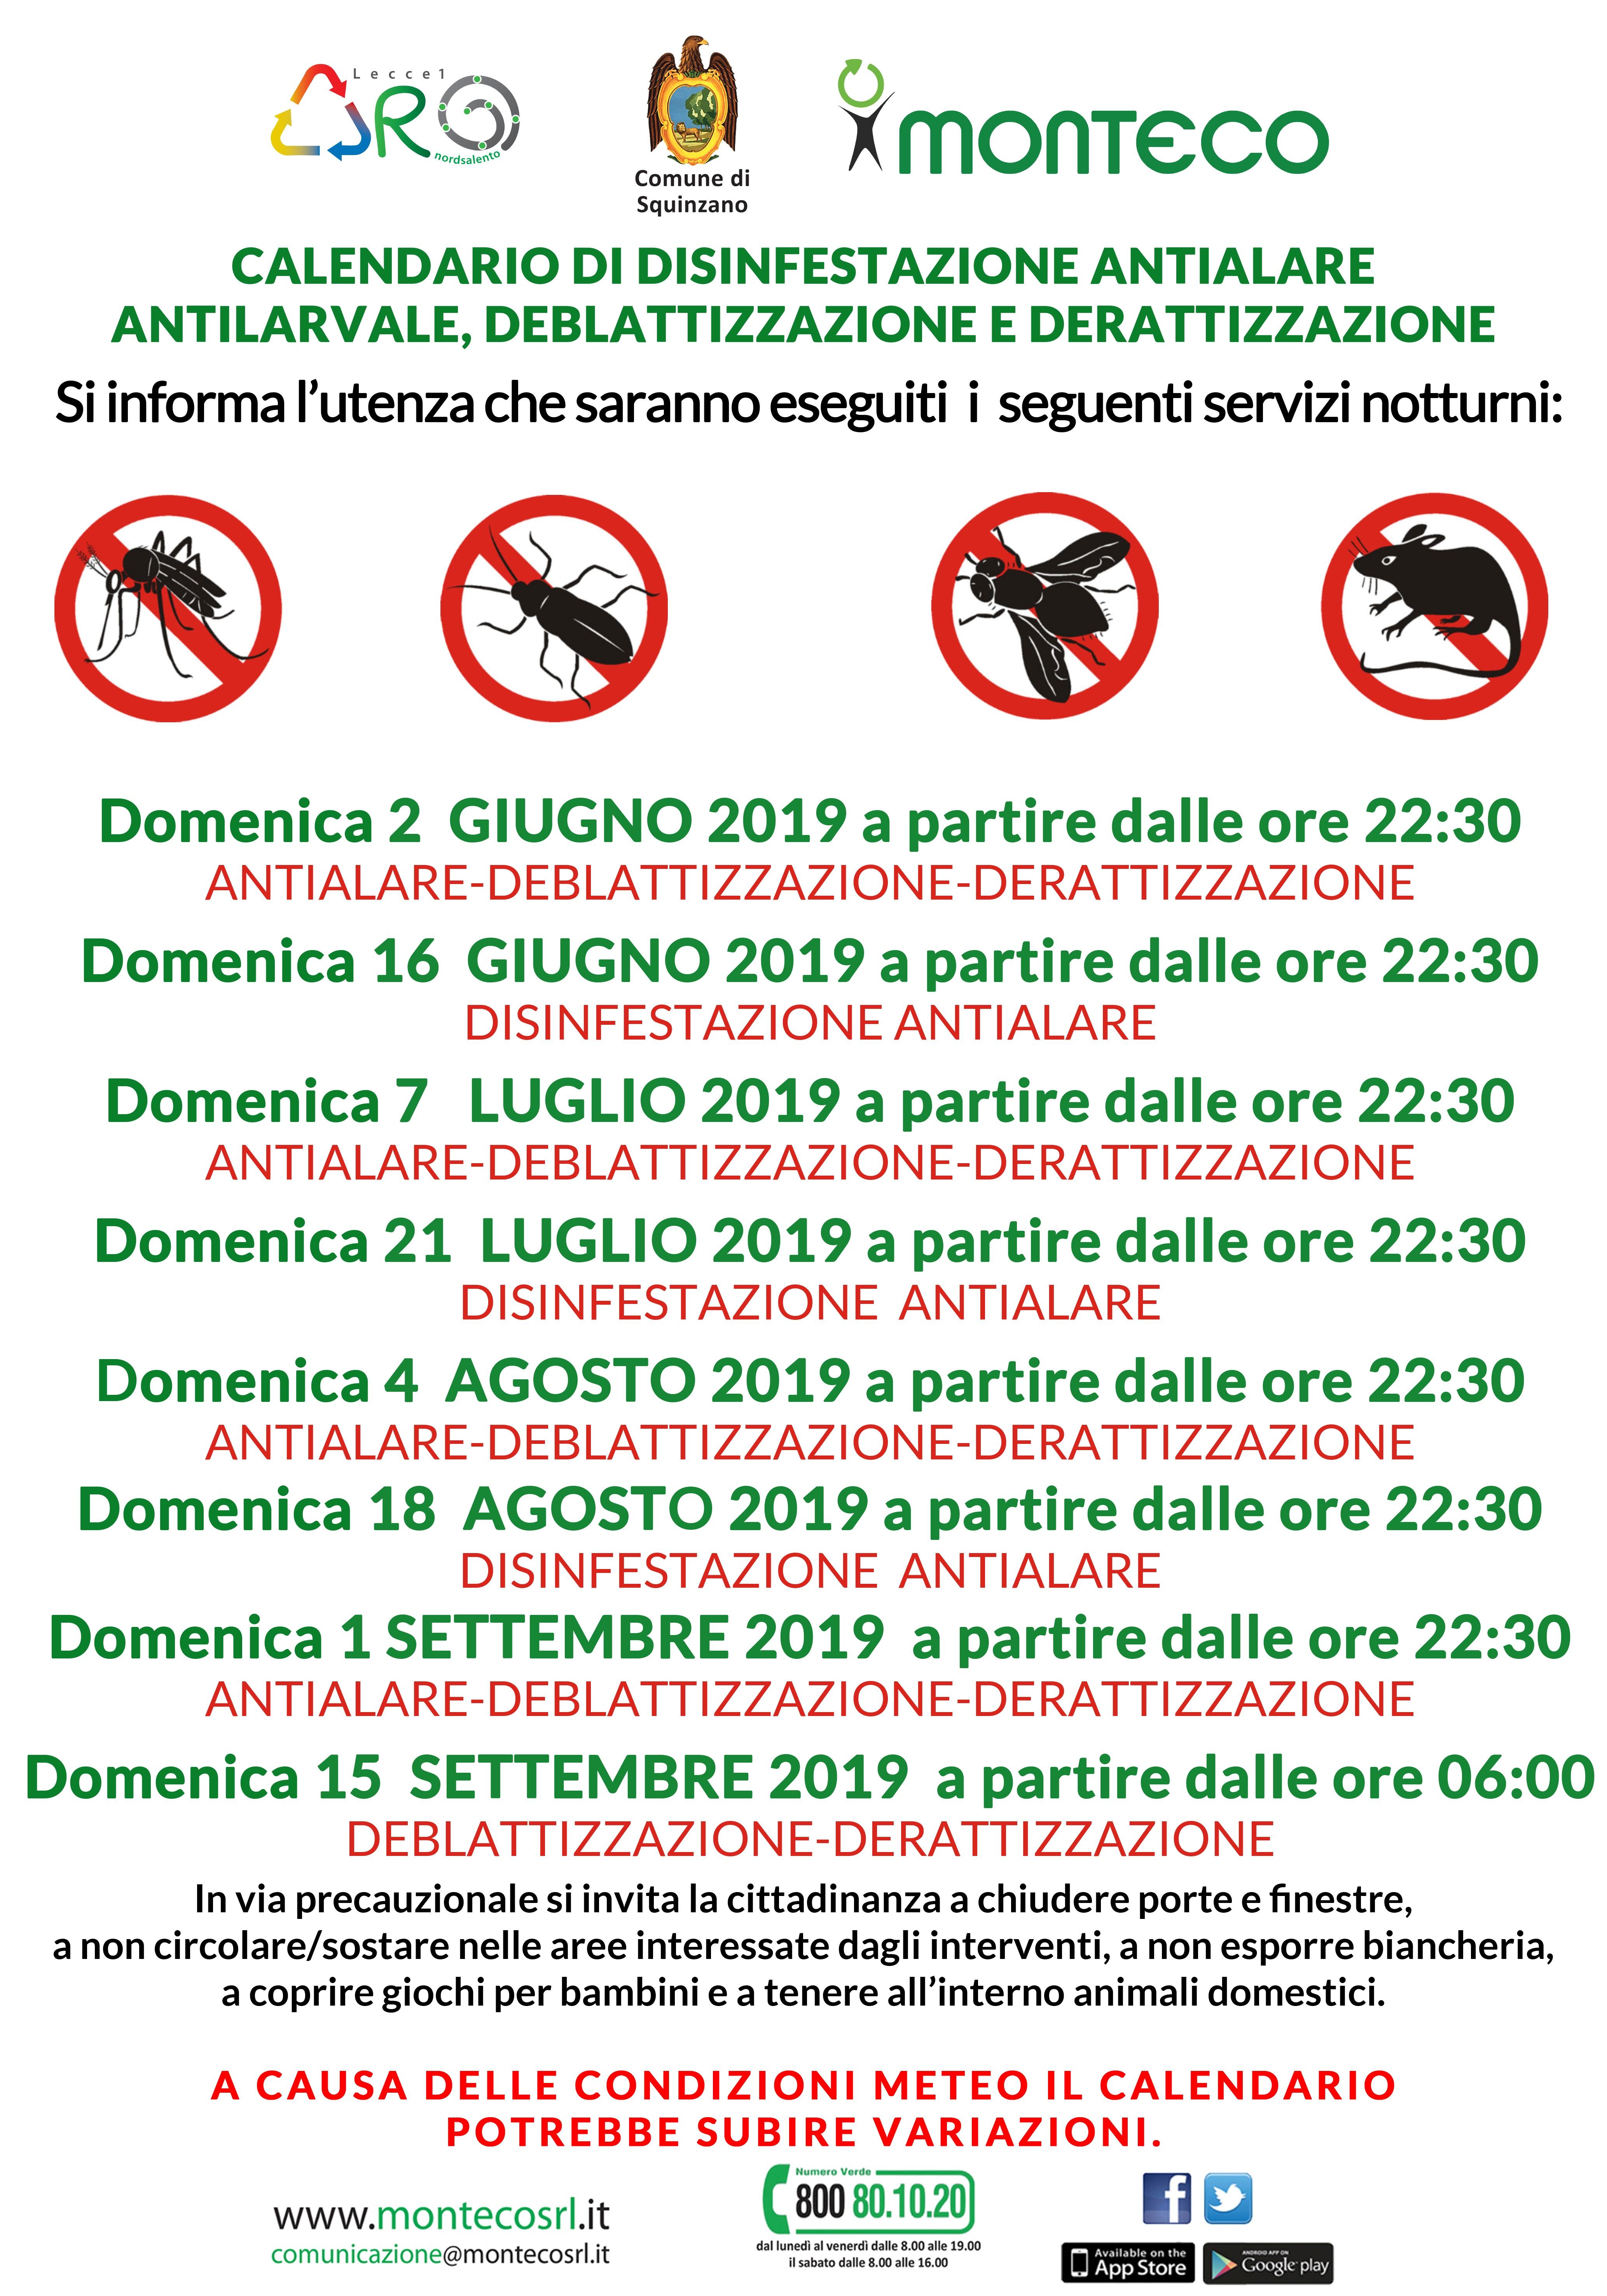 Squinzano, Calendario di disinfestazione antialare antilarvare, deblattizzazione, derattizzazione